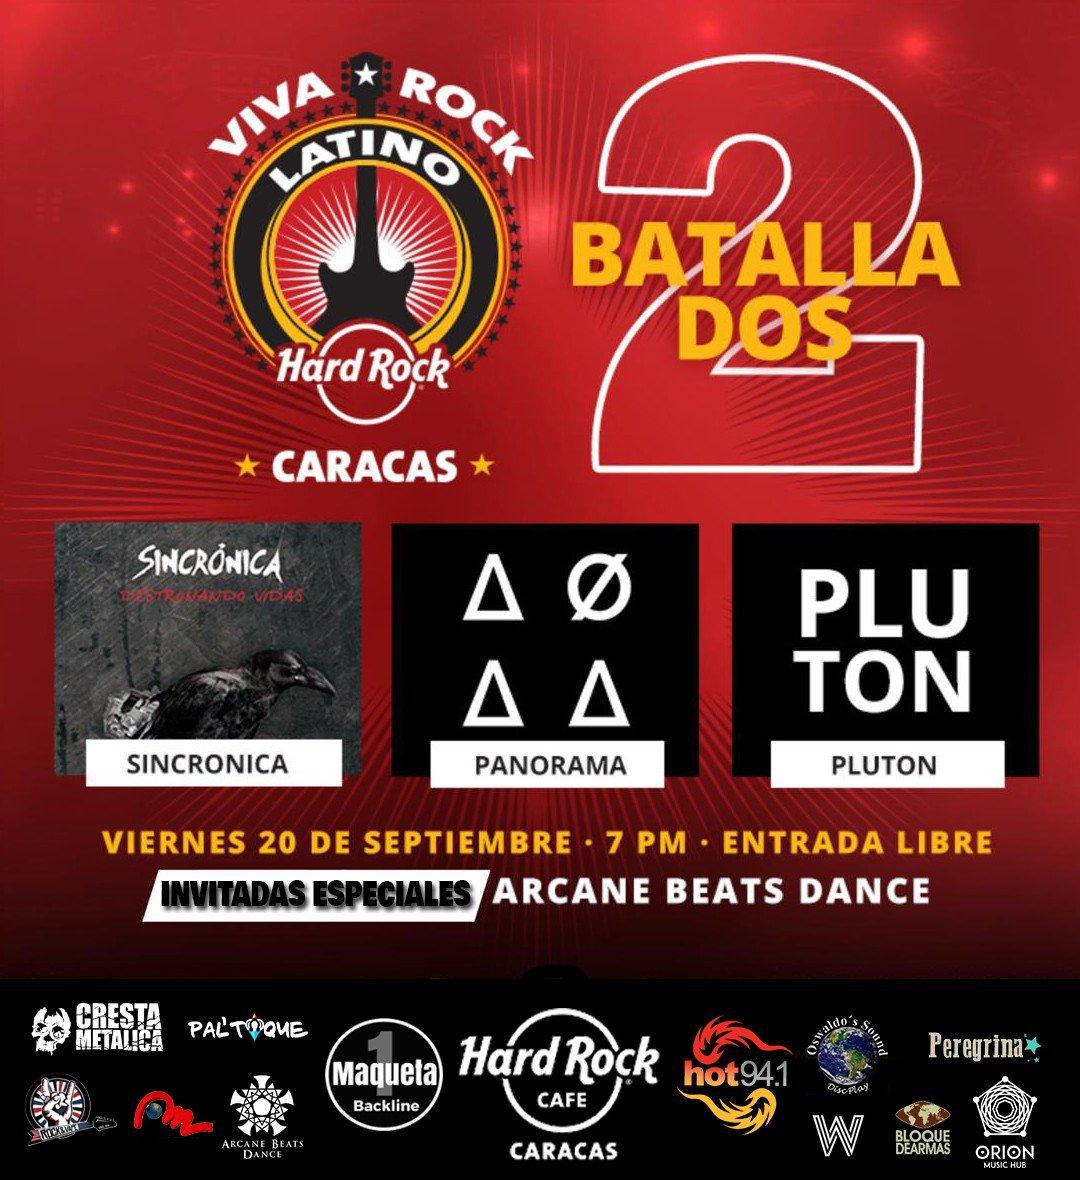 #AgendaCresta | #20Sep | Batalla de Bandas 2: Viva Rock Latino 2019 en el Hard Rock Cafe #Caracas > http://tinyurl.com/y28n247n #Venezuela